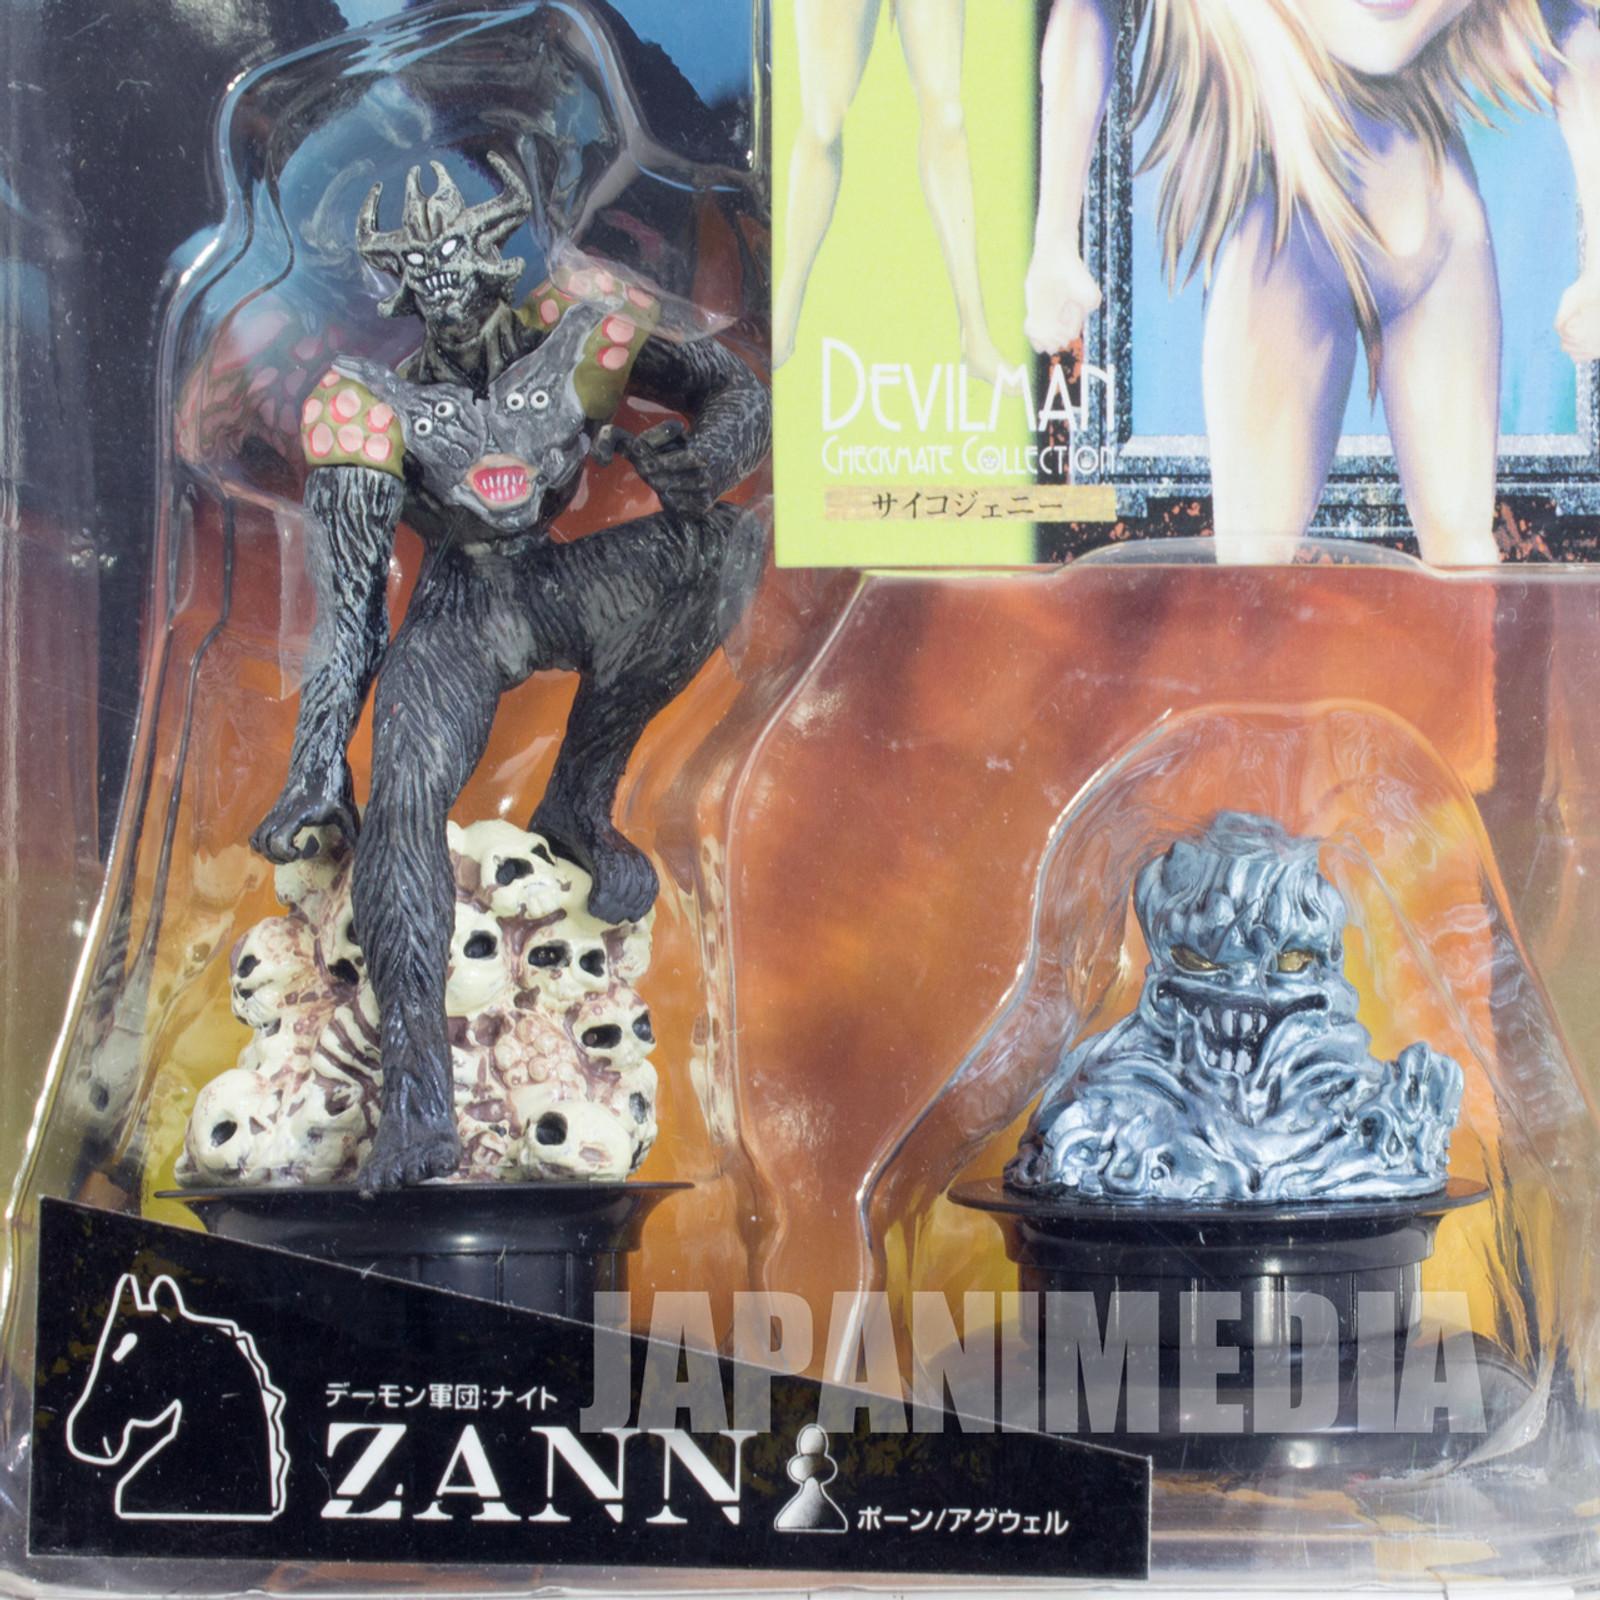 Devilman Checkmate Collection Figure ZANN Nagai Go Moby Dick JAPAN ANIME MANGA